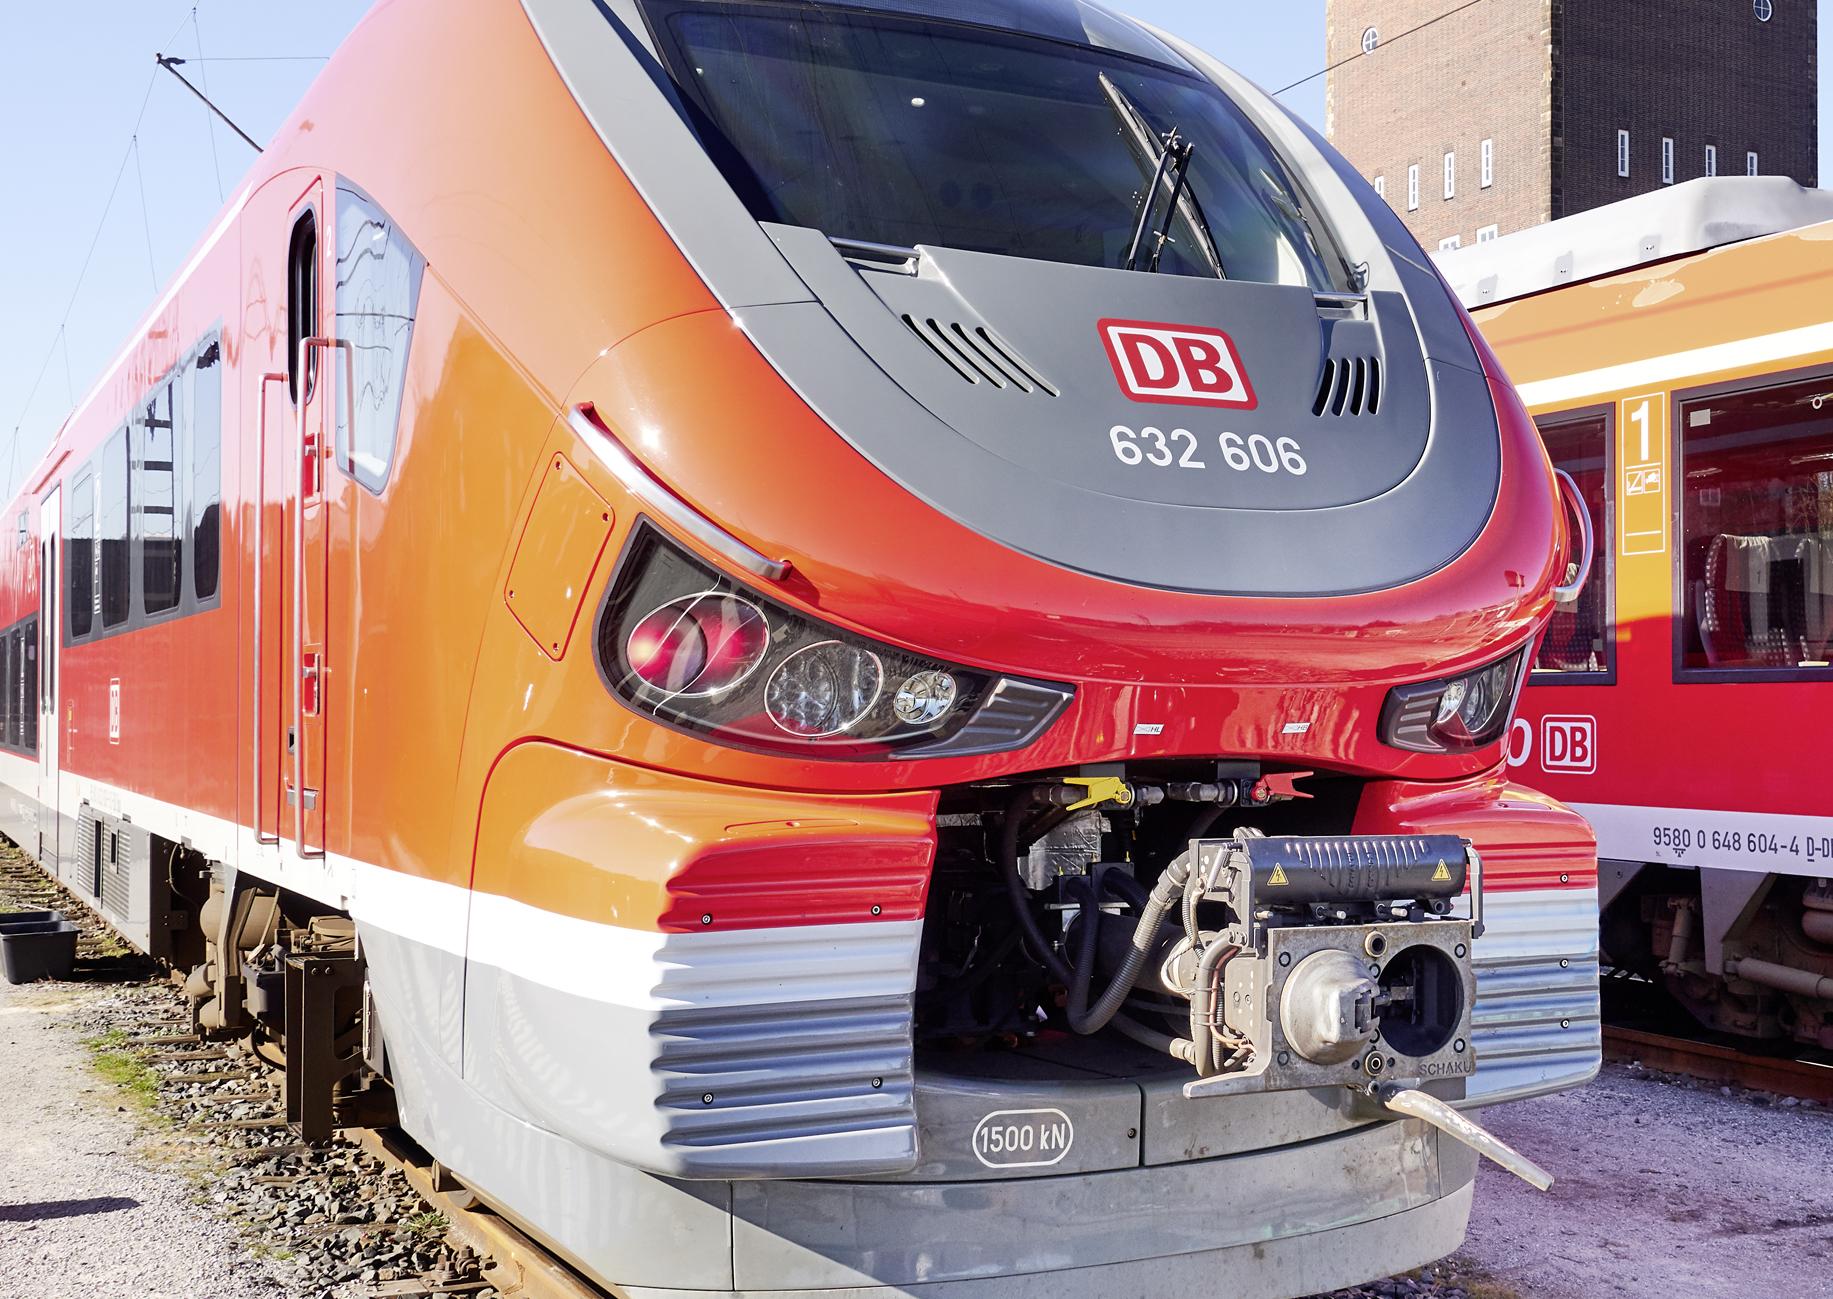 Front eines DB-Regionalzugs mit ausgefahrener Kupplung